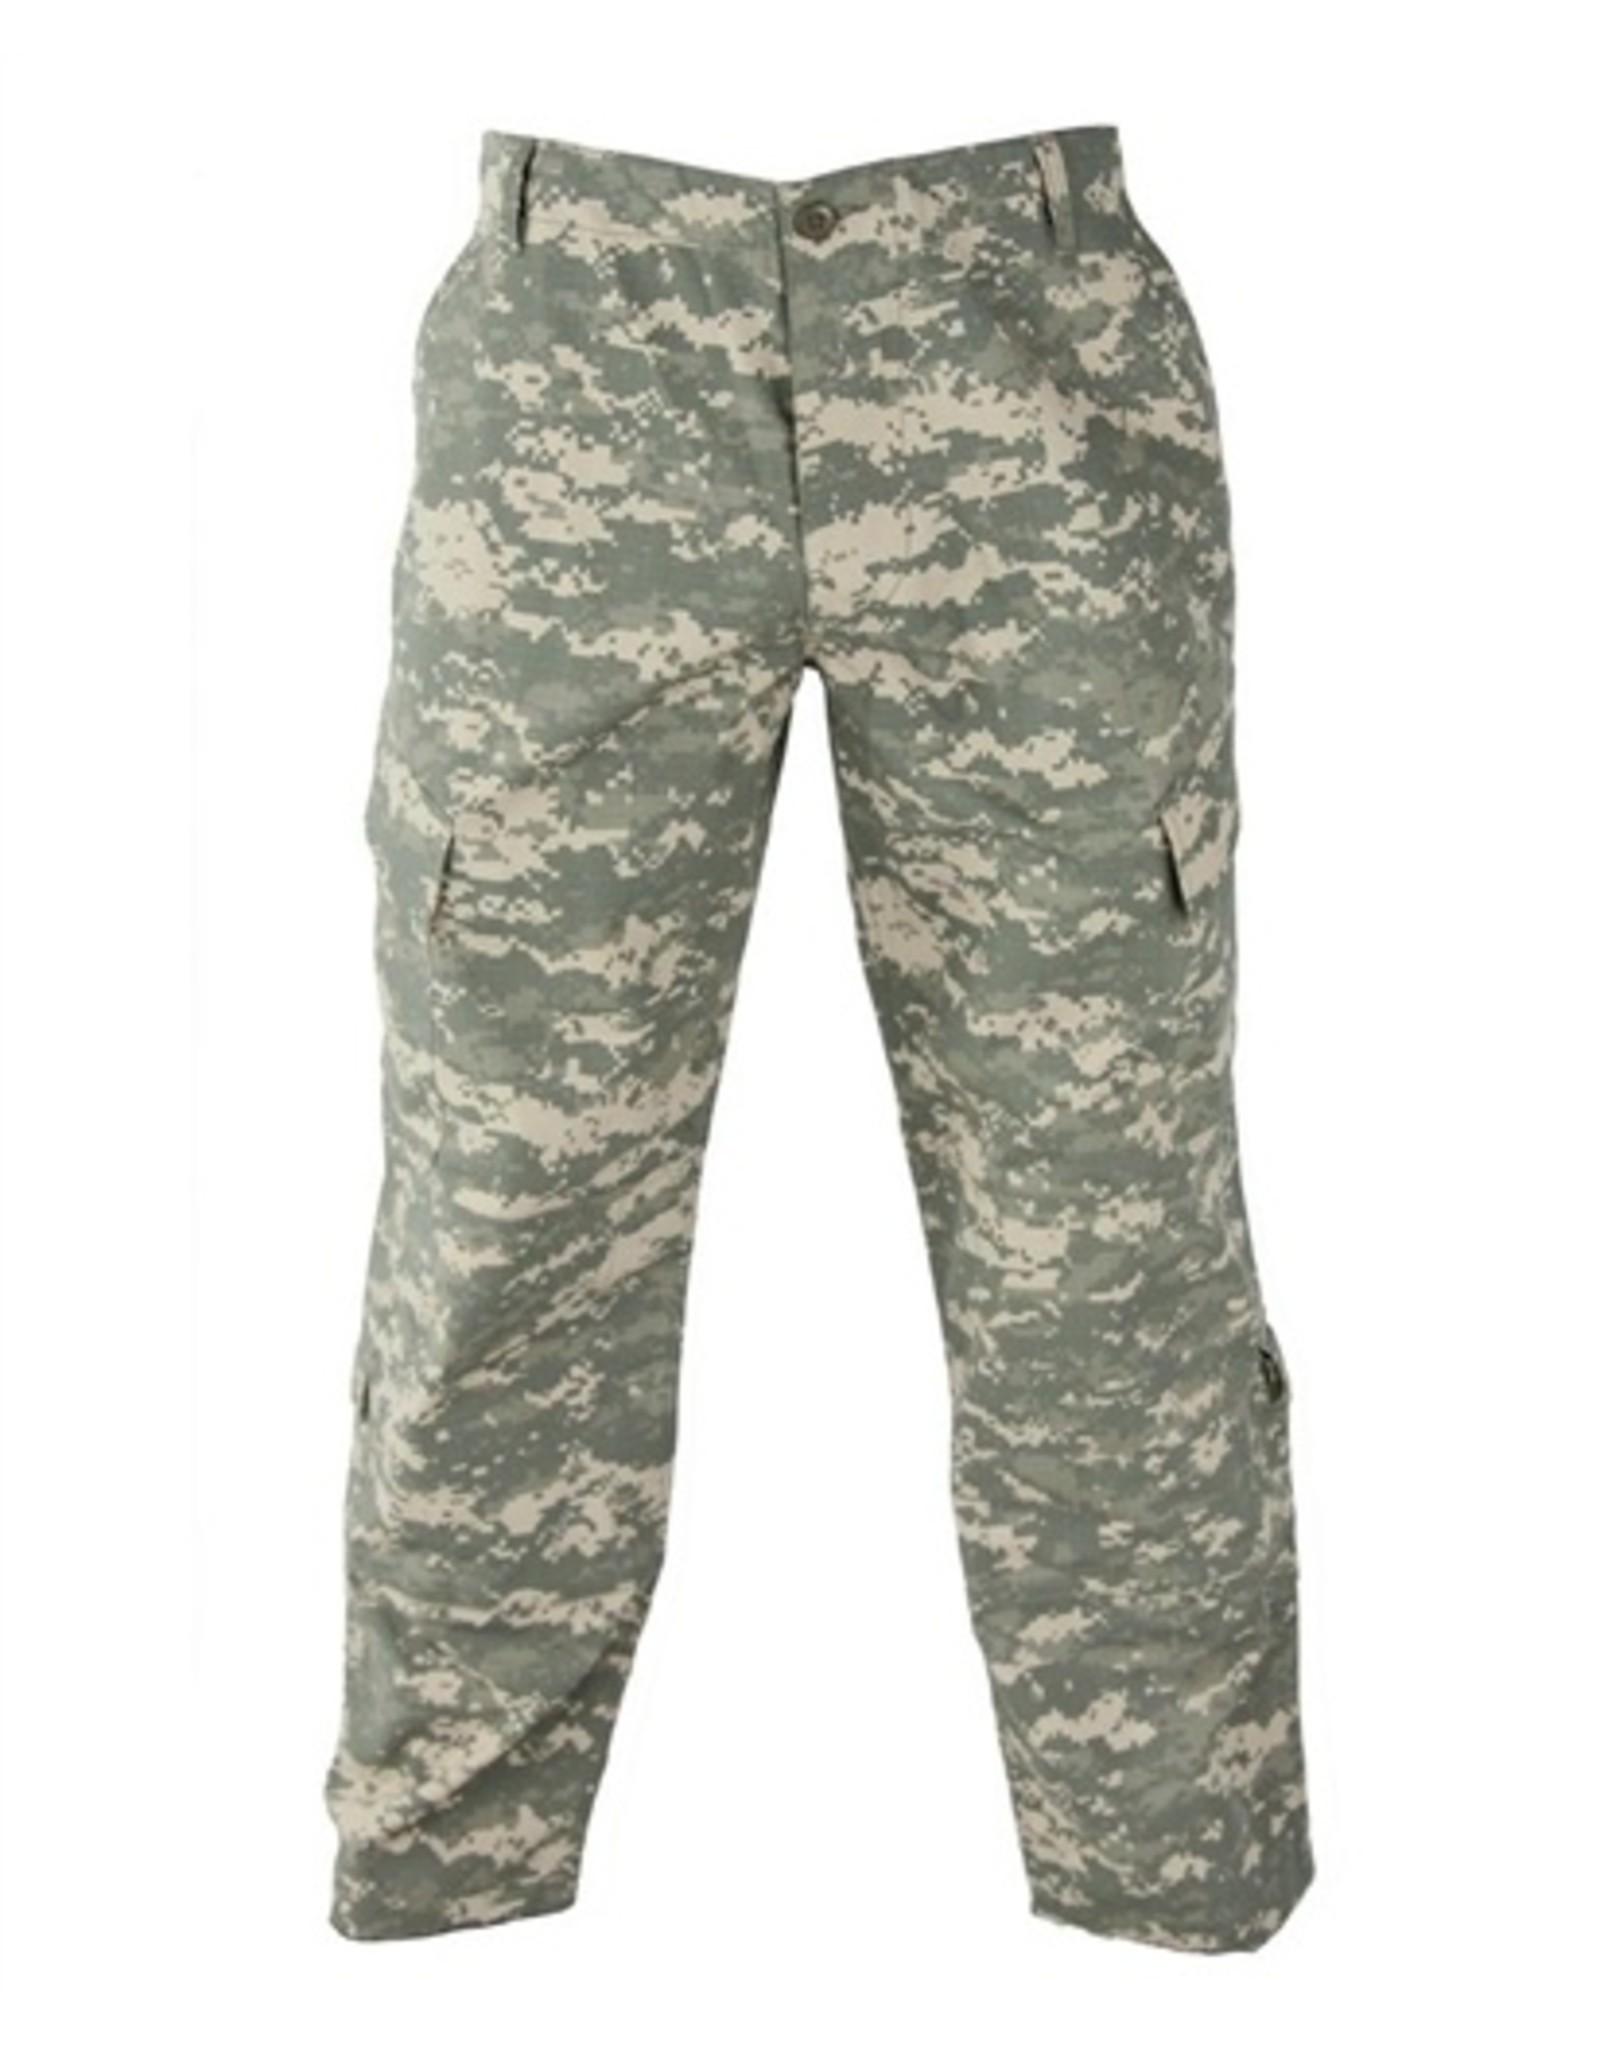 SURPLUS U.S.  ACU  COMBAT PANTS-USED